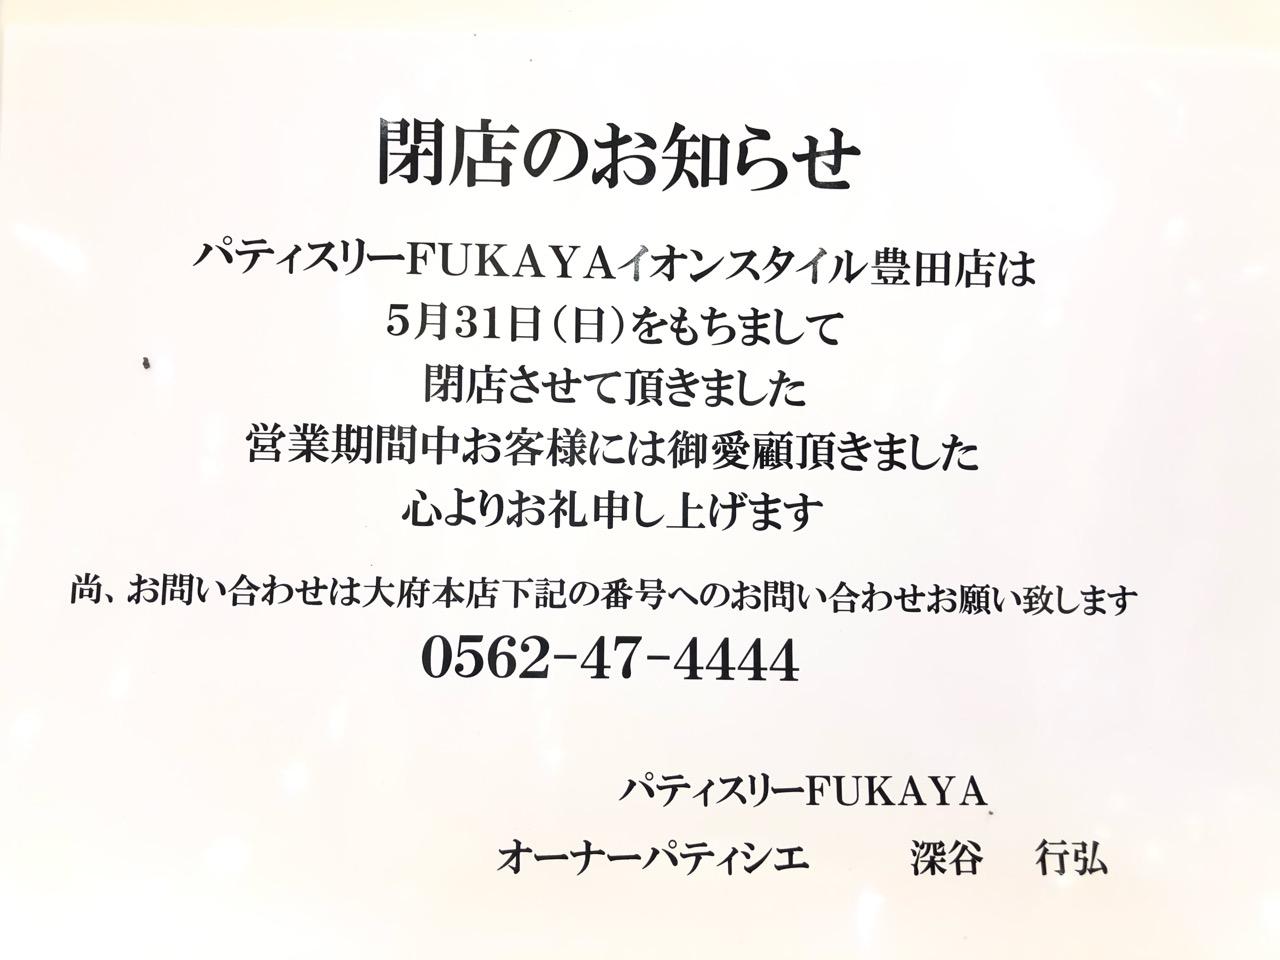 パティスリーFUKAYAの閉店のお知らせ